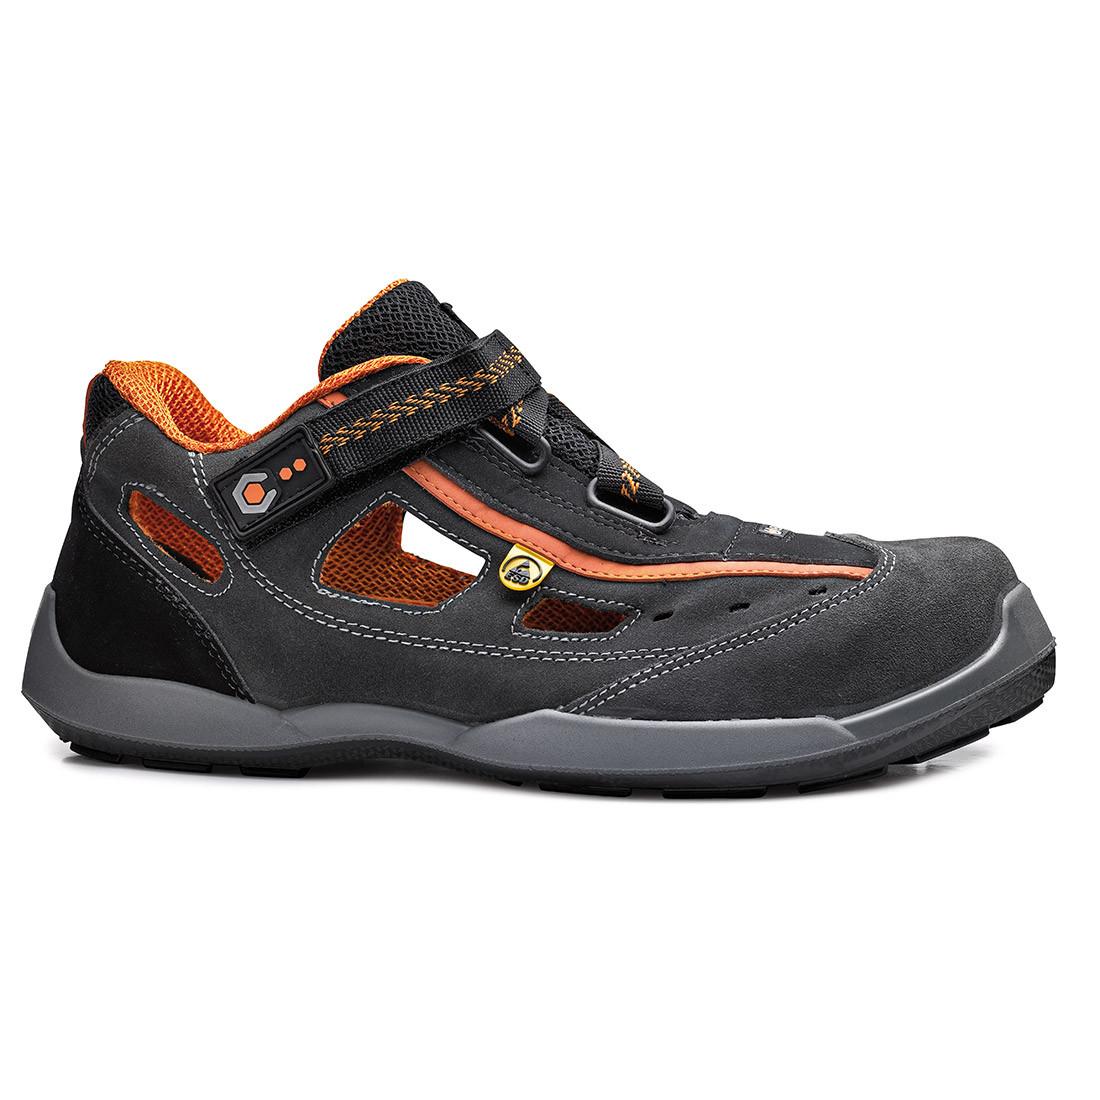 Sandale Aerobic S1P ESD SRC - Incaltaminte de protectie